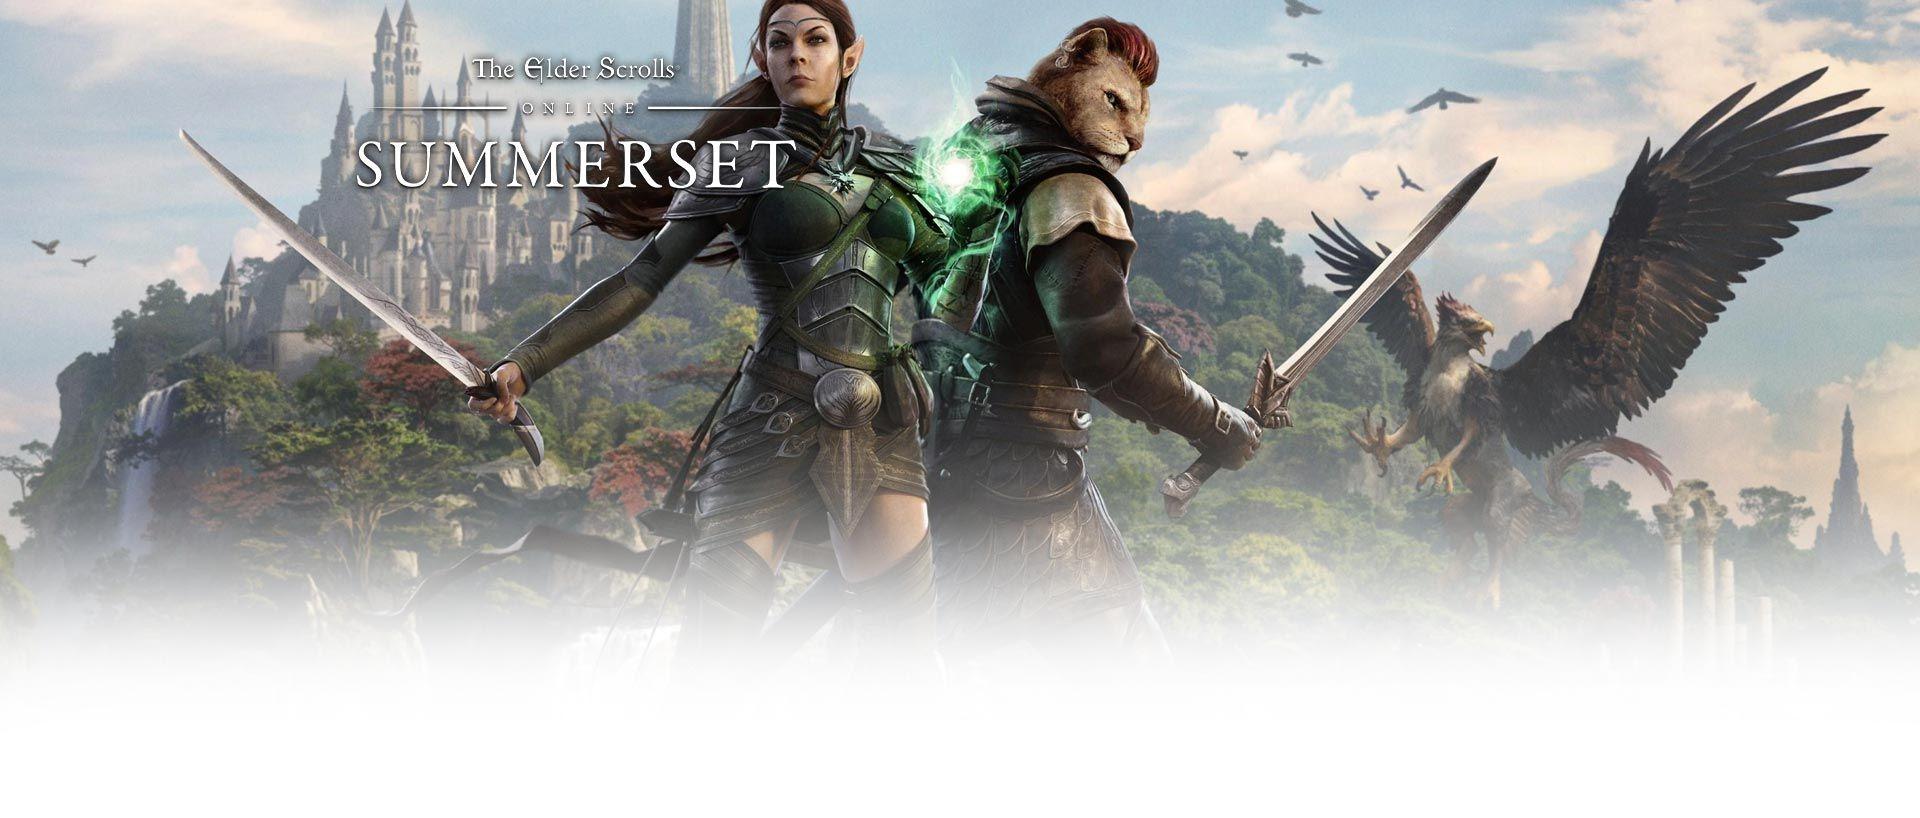 The Elder Scrolls Online: Summerset - Upgrade